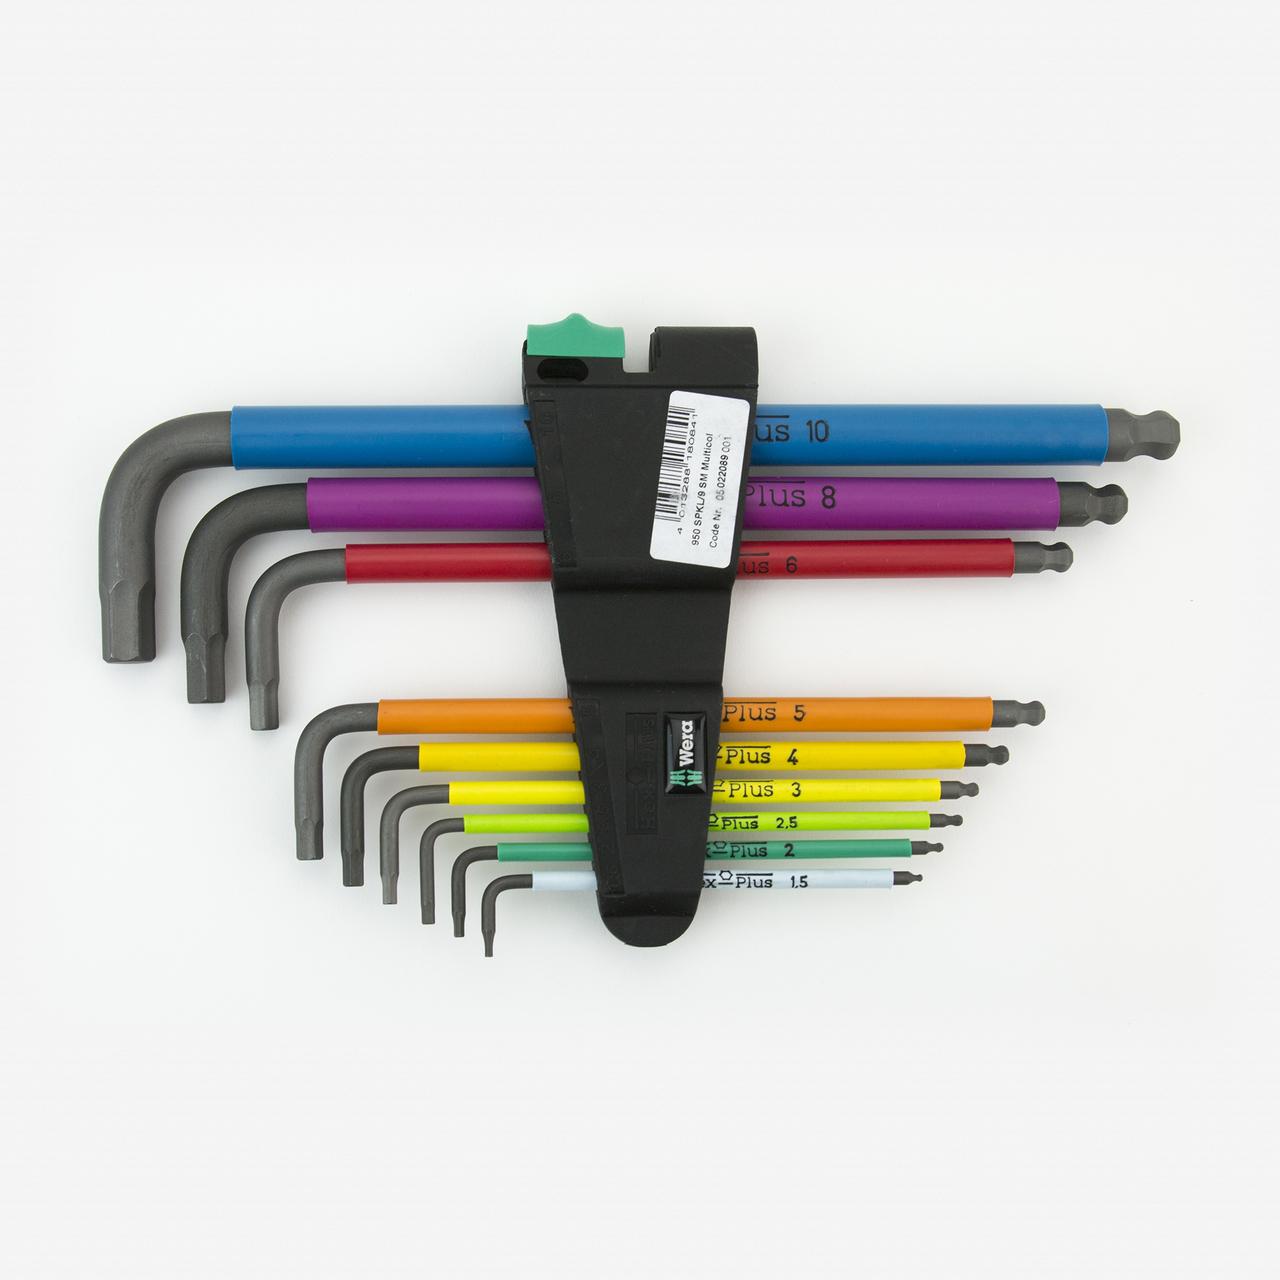 Wera 022089 Multicolor Hex + Ball End Hex Metric L-key Clip Set - KC Tool